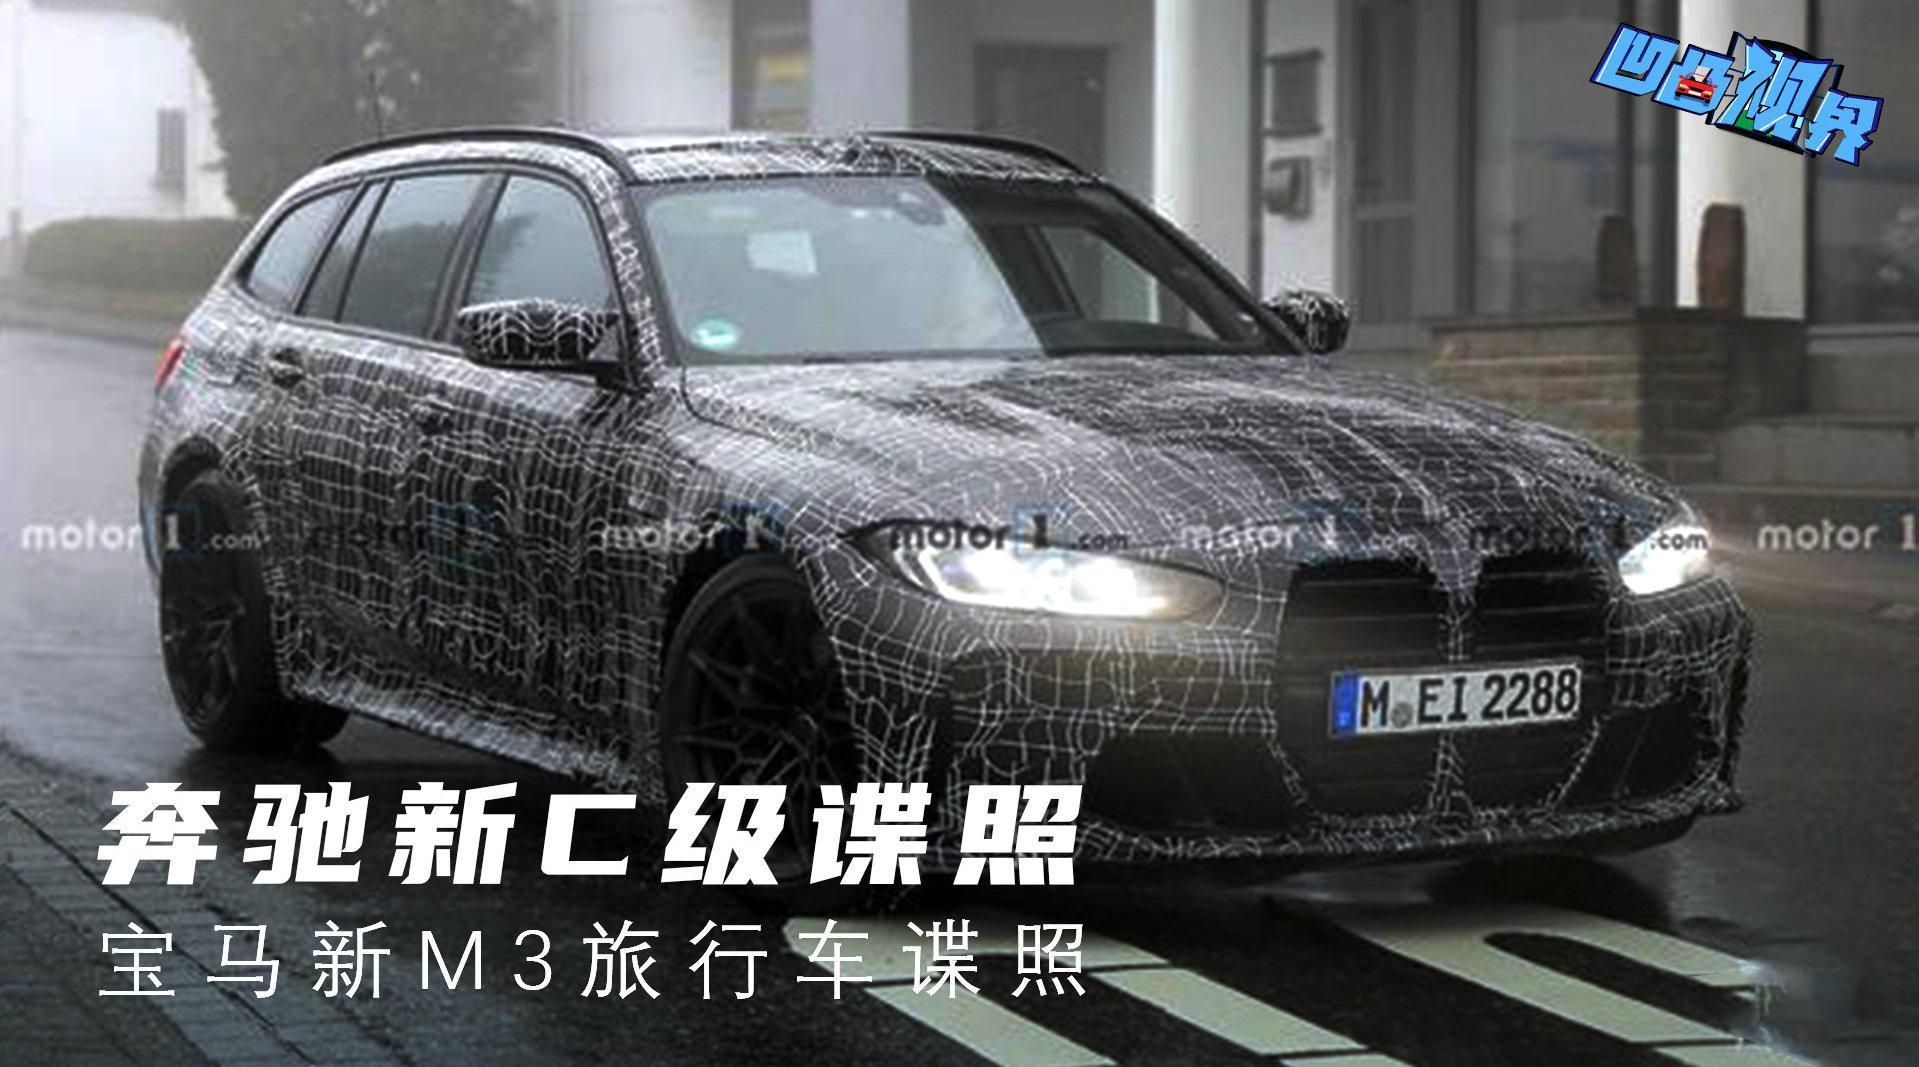 视频:奔驰新C级谍照 宝马新M3旅行车谍照